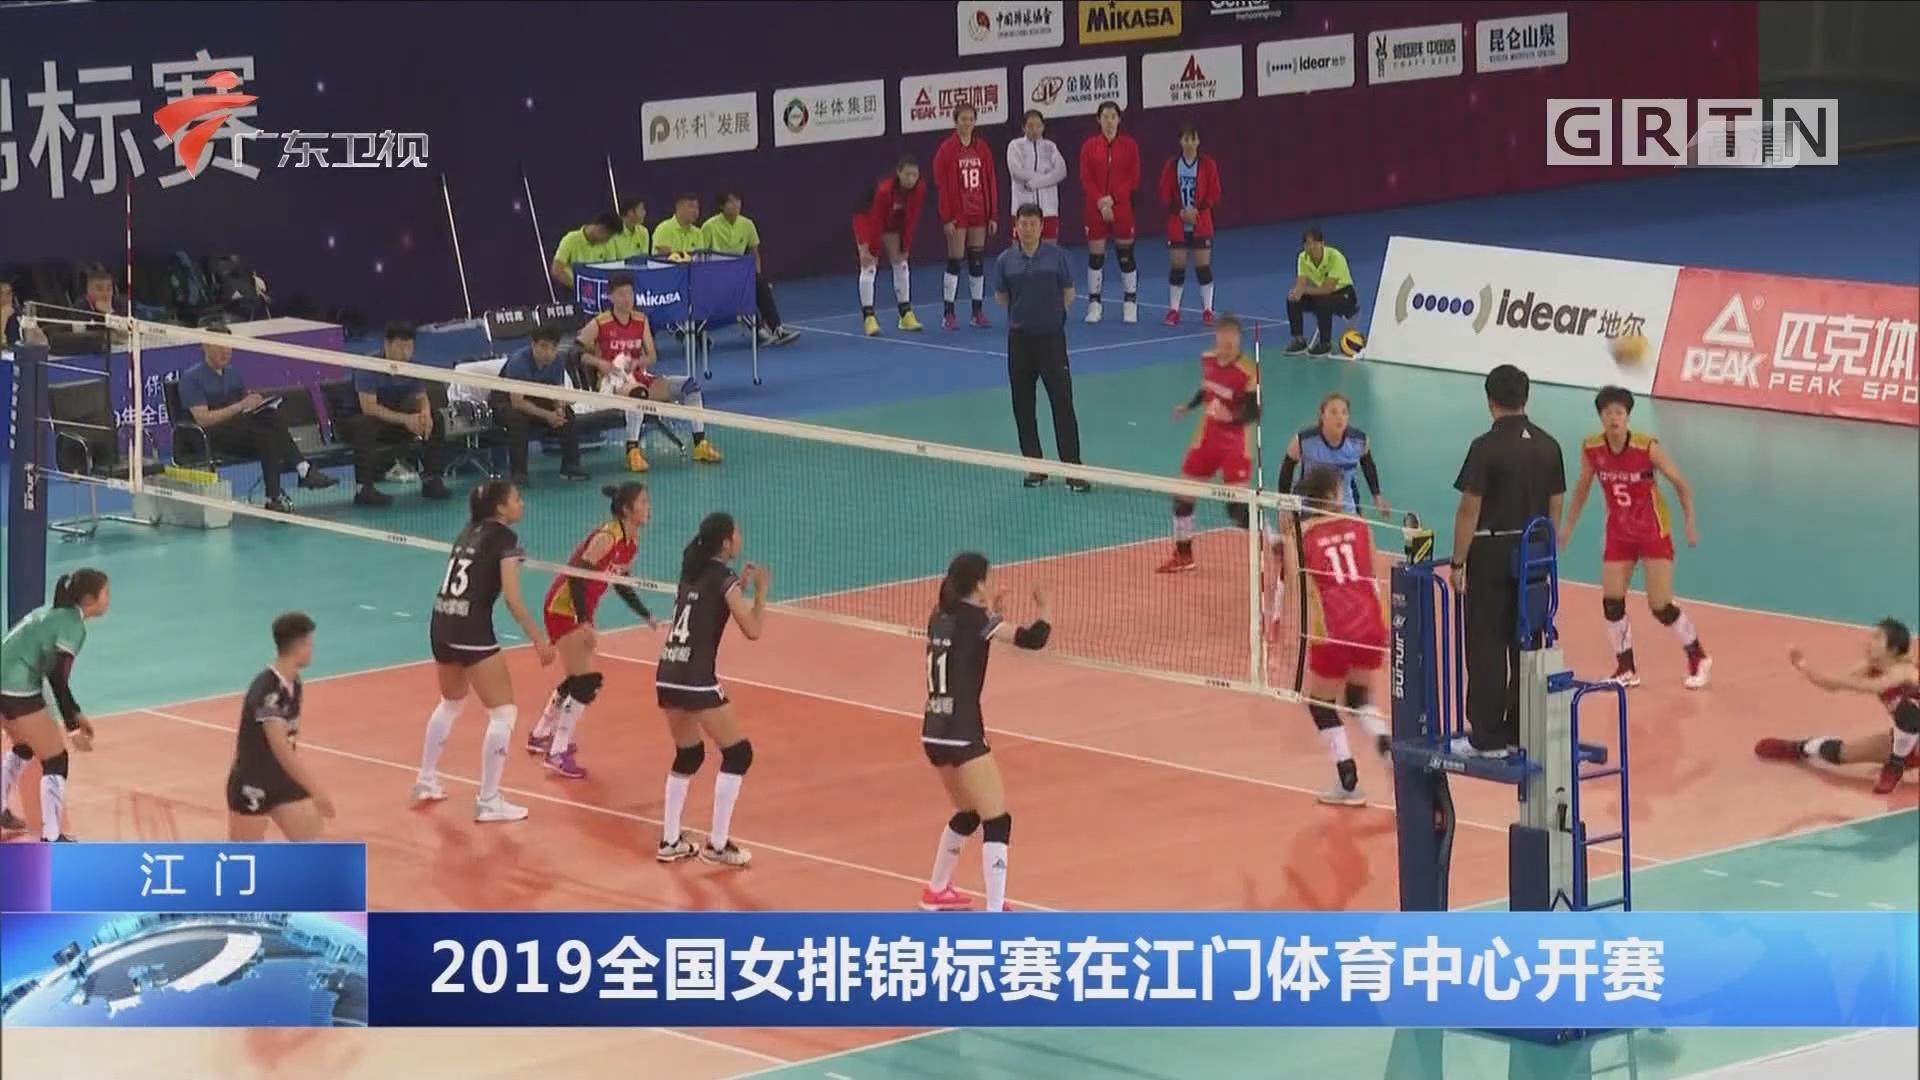 江门:2019全国女排锦标赛在江门体育中心开赛